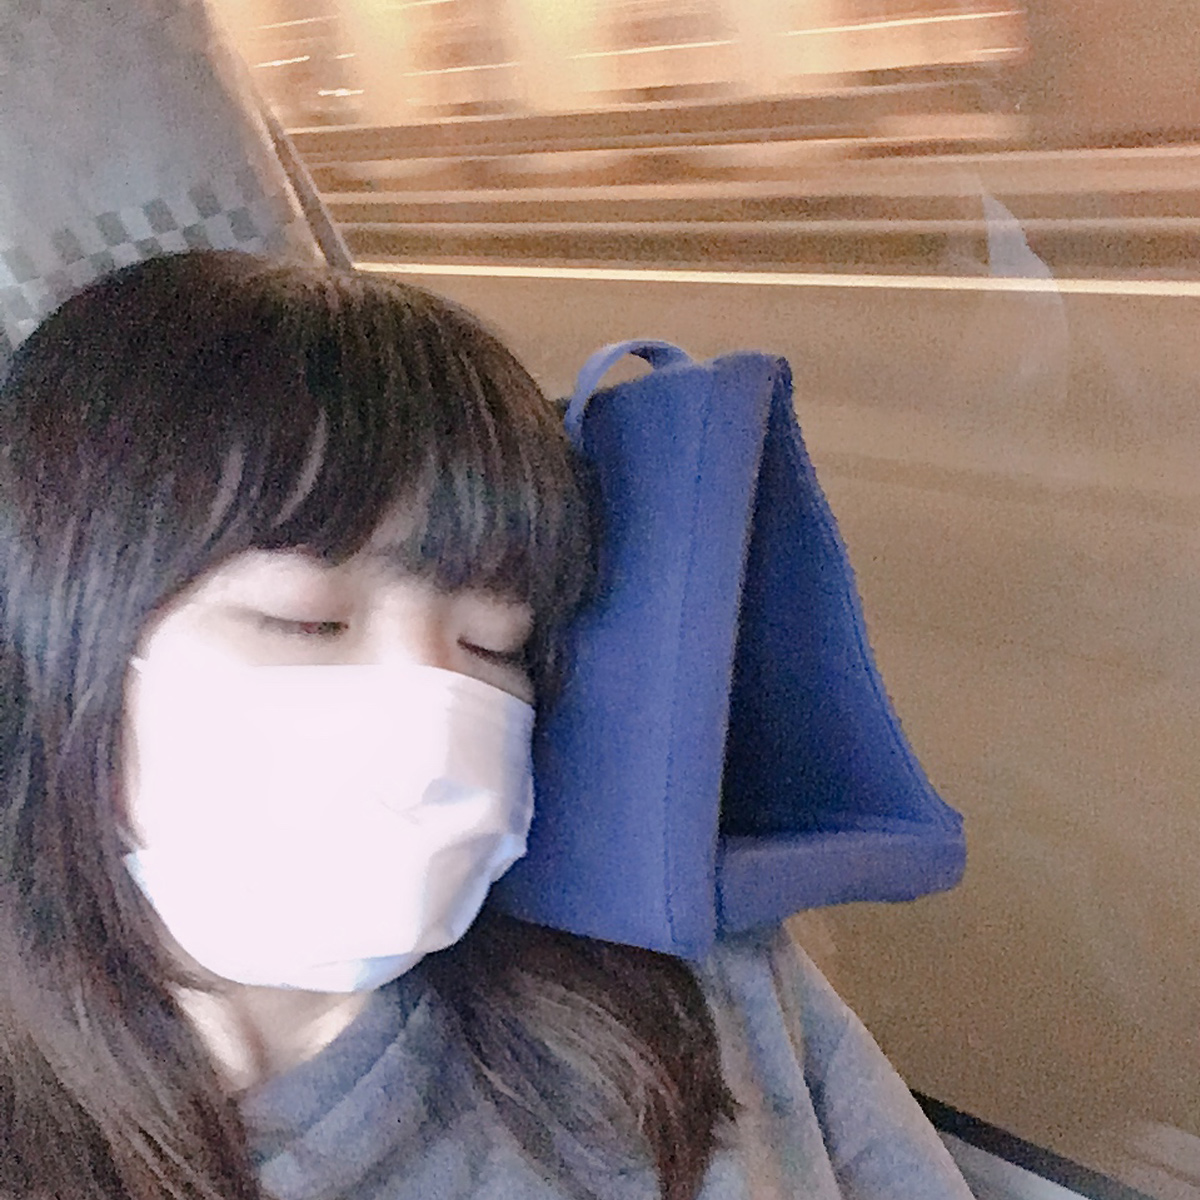 長距離移動でウトウト…「うたた寝用」の枕でぐっすり眠りましょうzzz